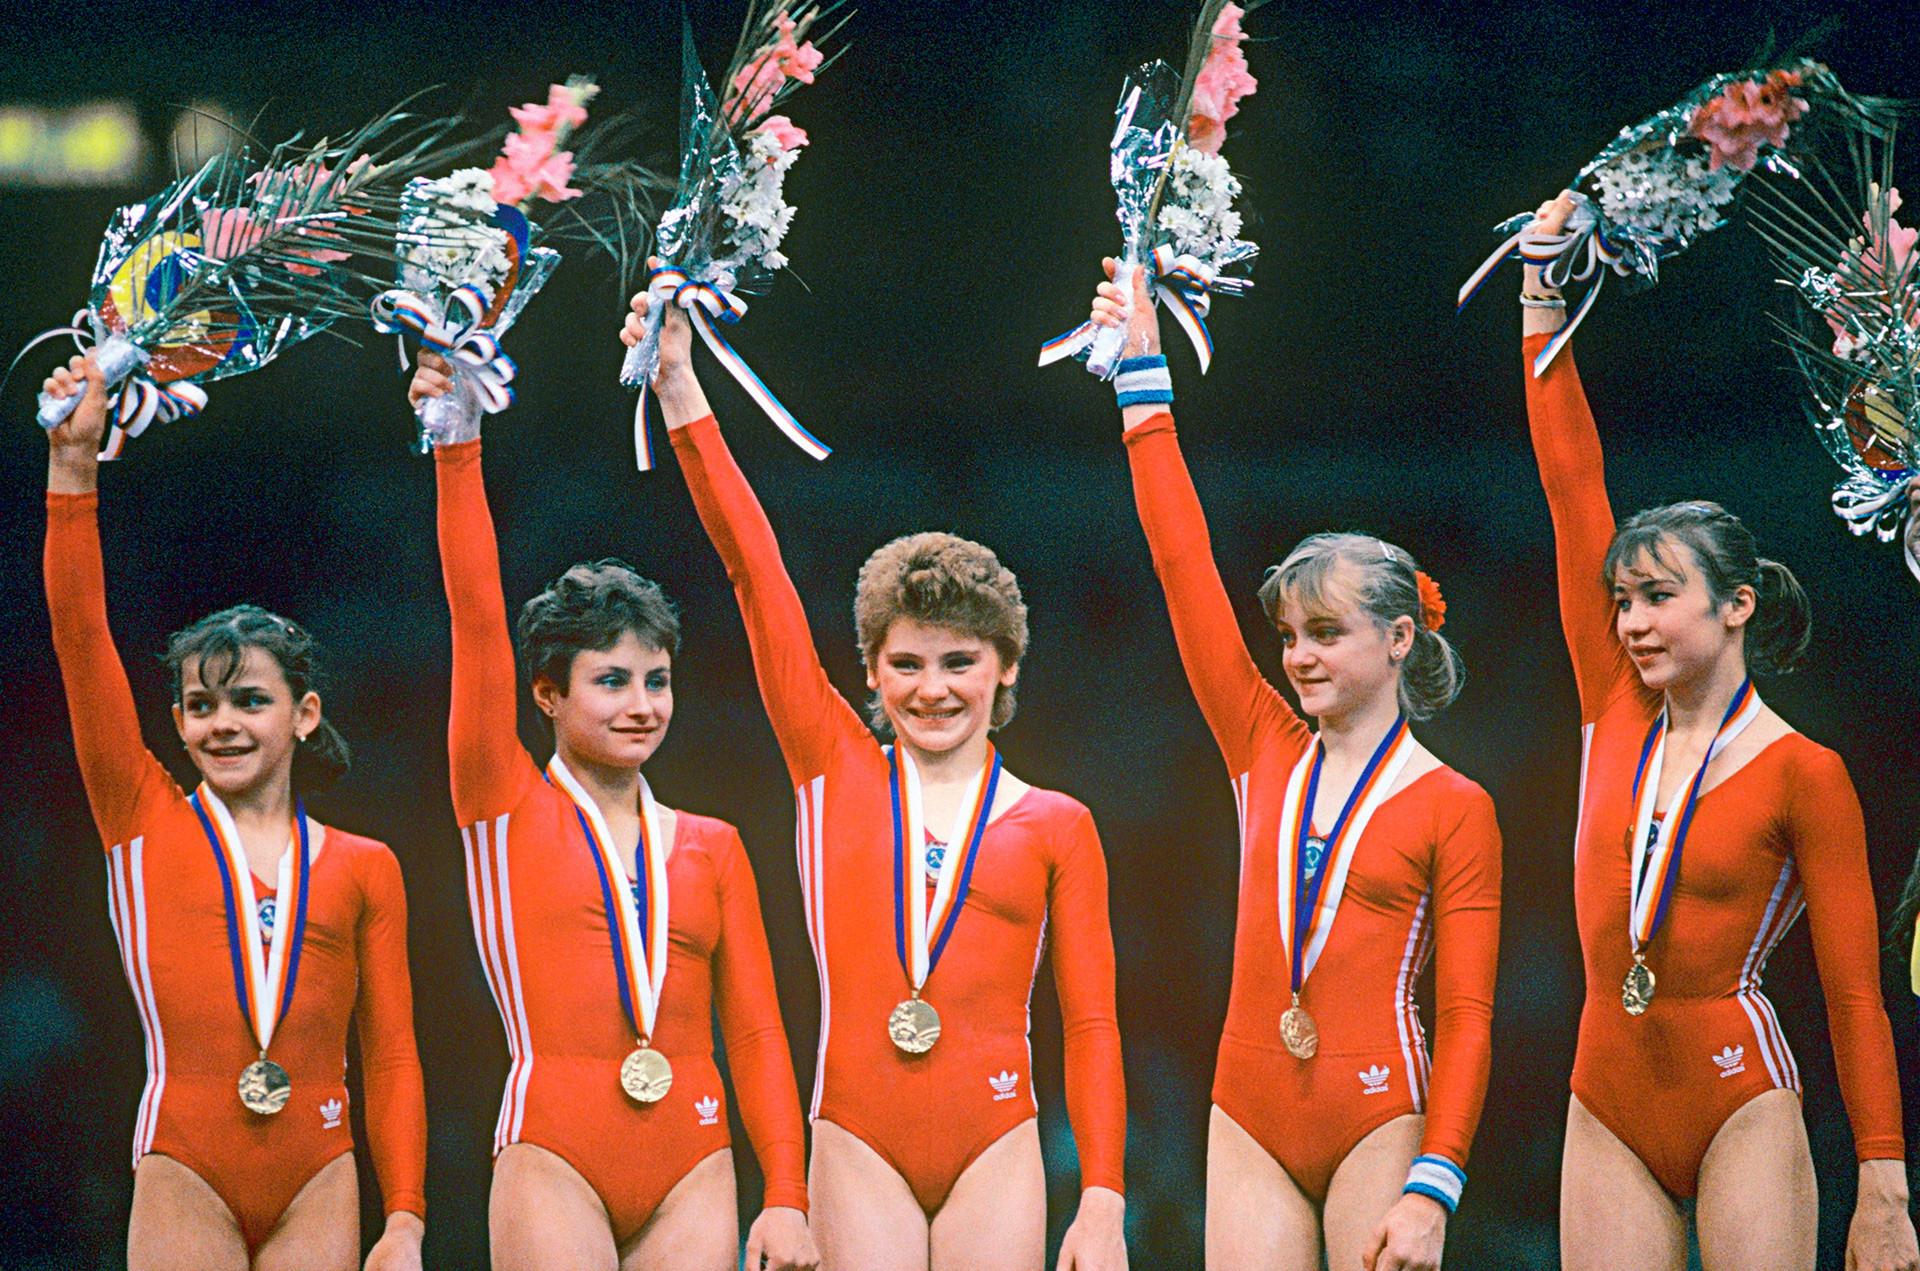 Gimnastičarke iz SSSR-a su osvojile zlatne medalje na Ljetnoj olimpijadi 1988. u Seulu.